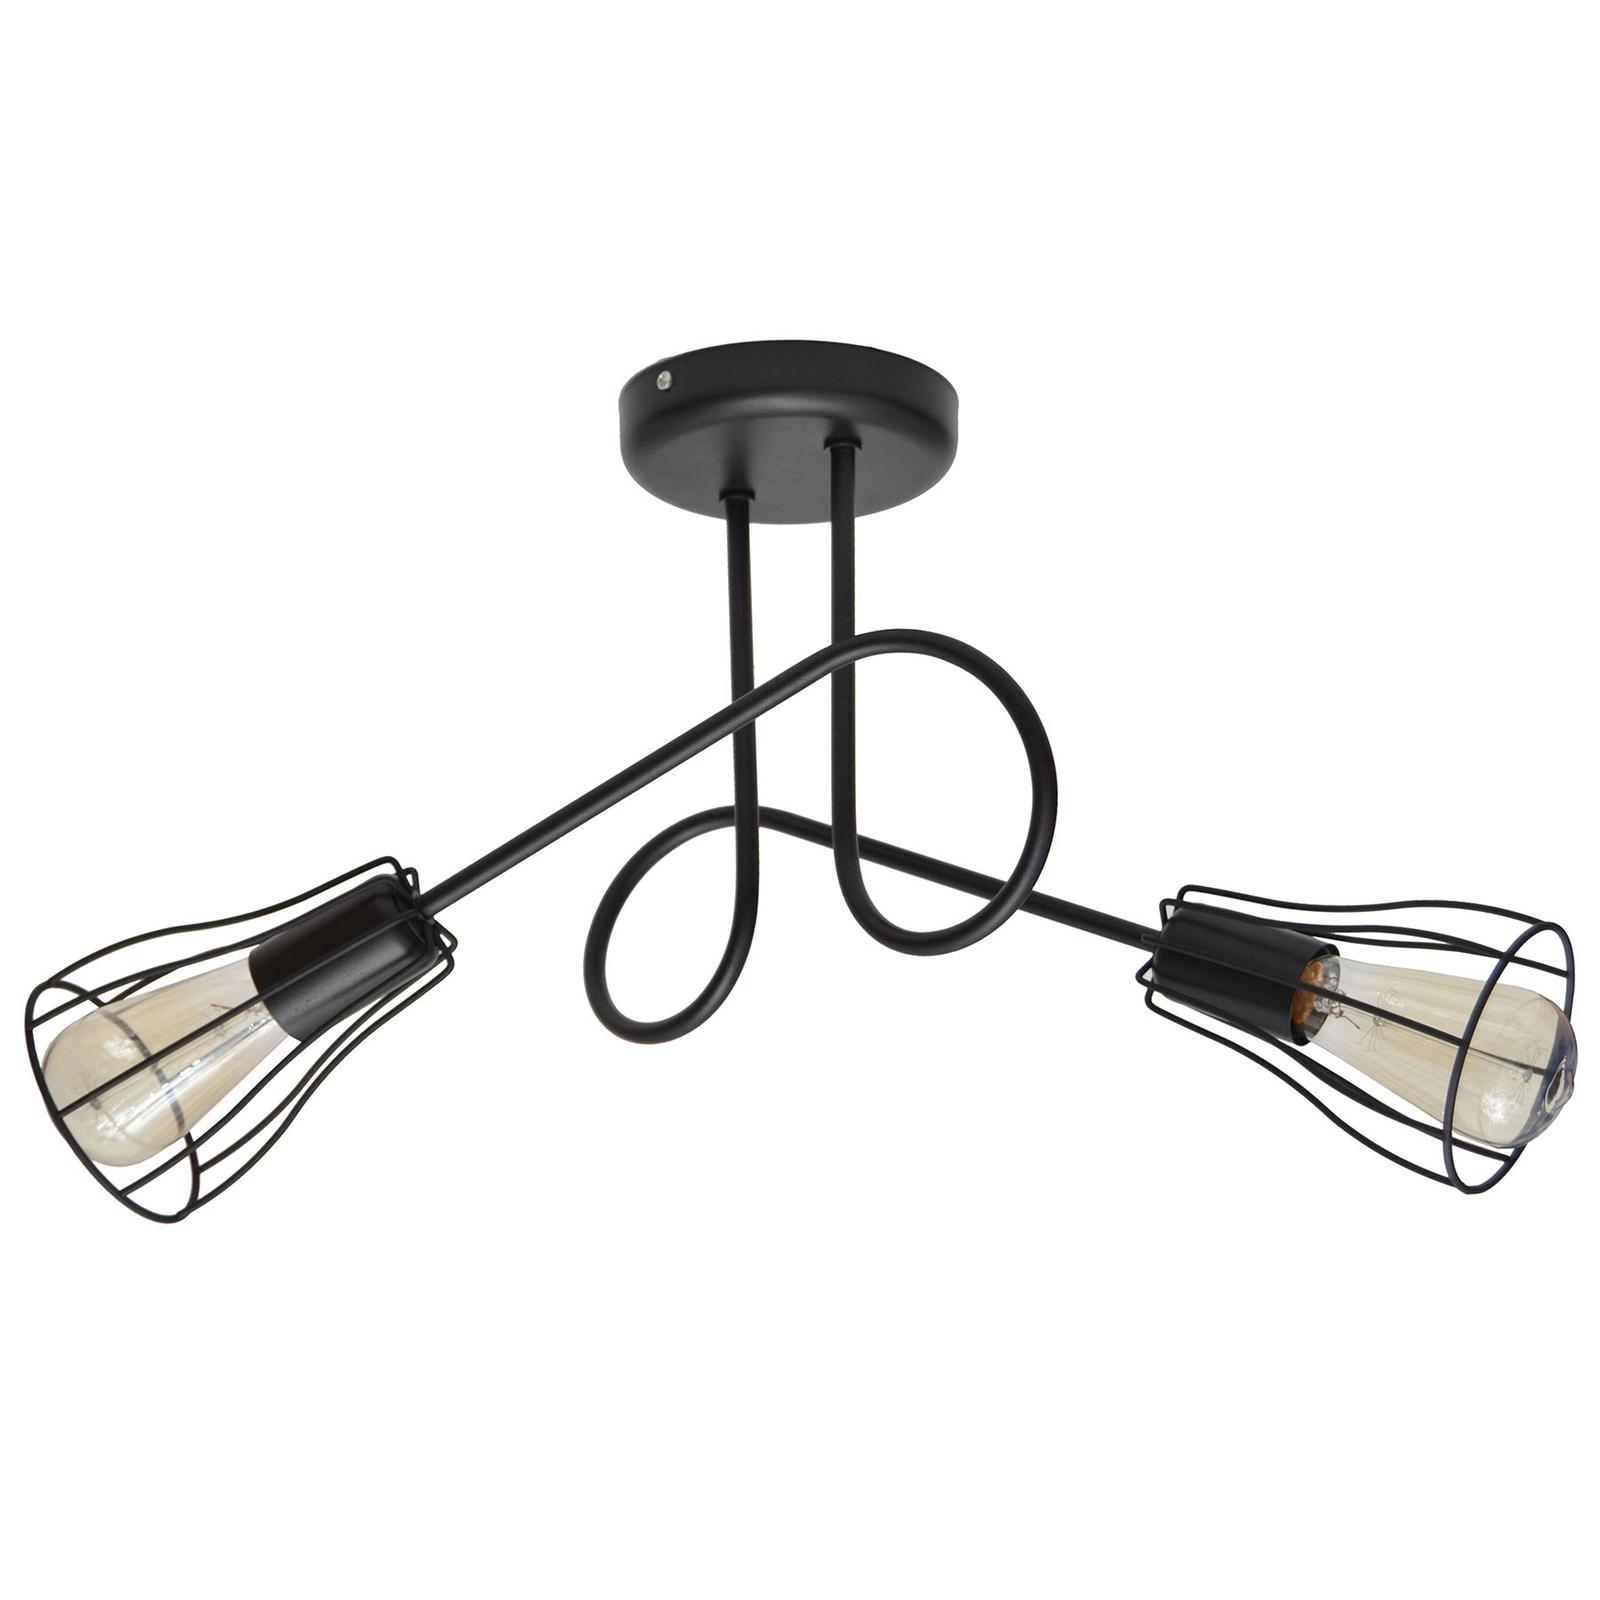 Plafonnier Oxford 2 lampes abat-jour cages noir